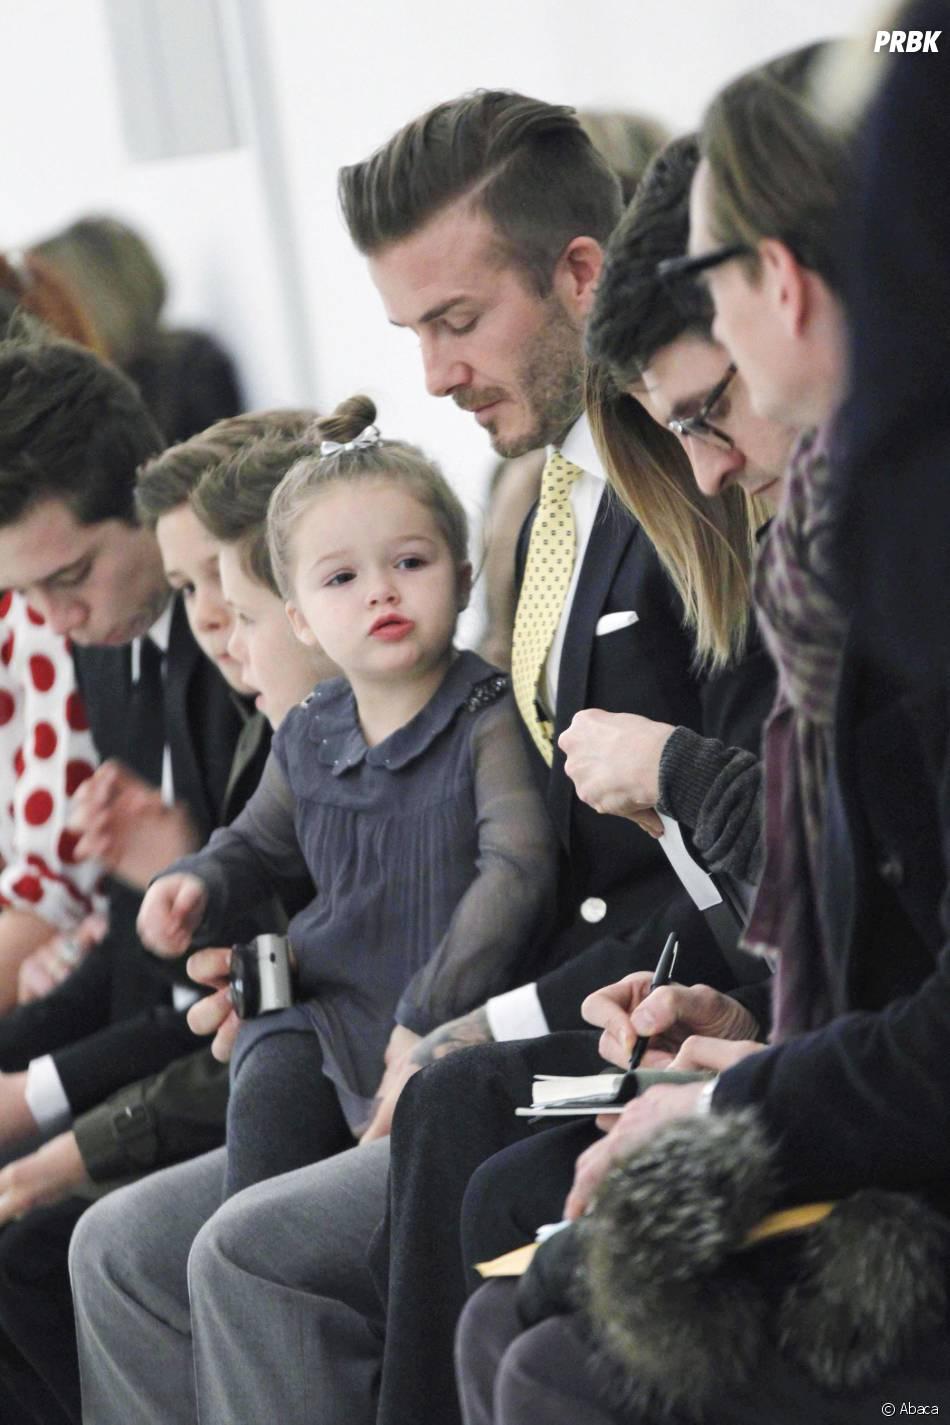 Harper Seven Beckham, la fille de David et Victoria Beckham, 5e bébé le plus stylé en 2014 selon My1stYears.com